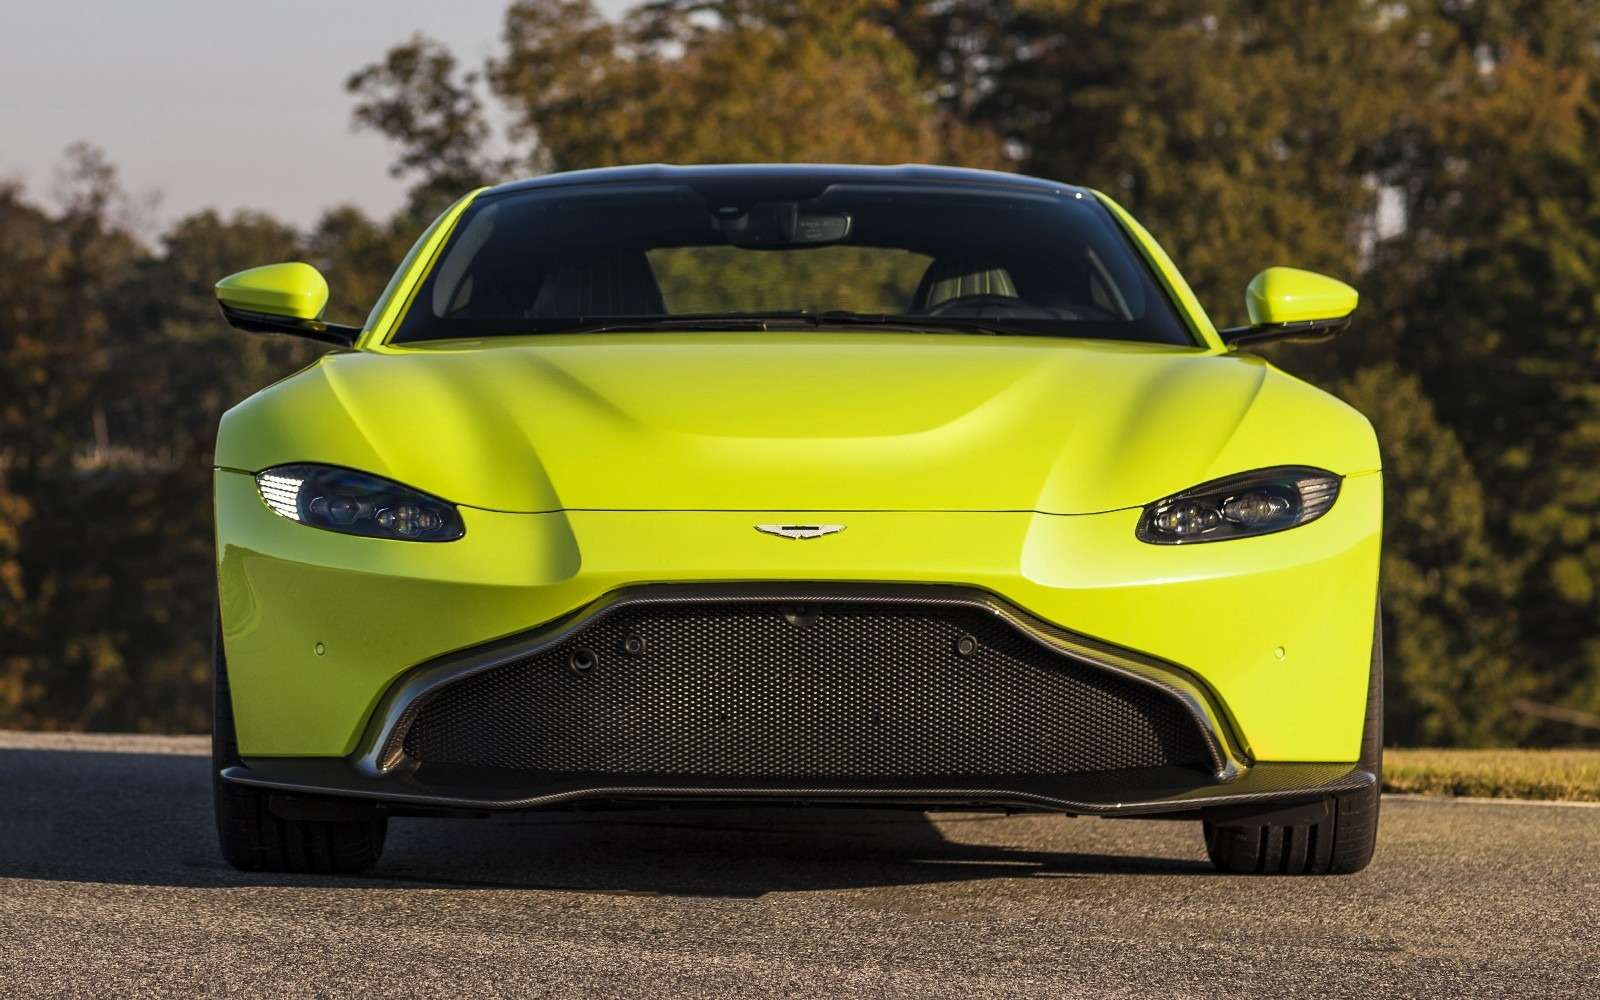 Проверено Джеймсом Бондом: представлен новый Aston Martin Vantage— фото 818846